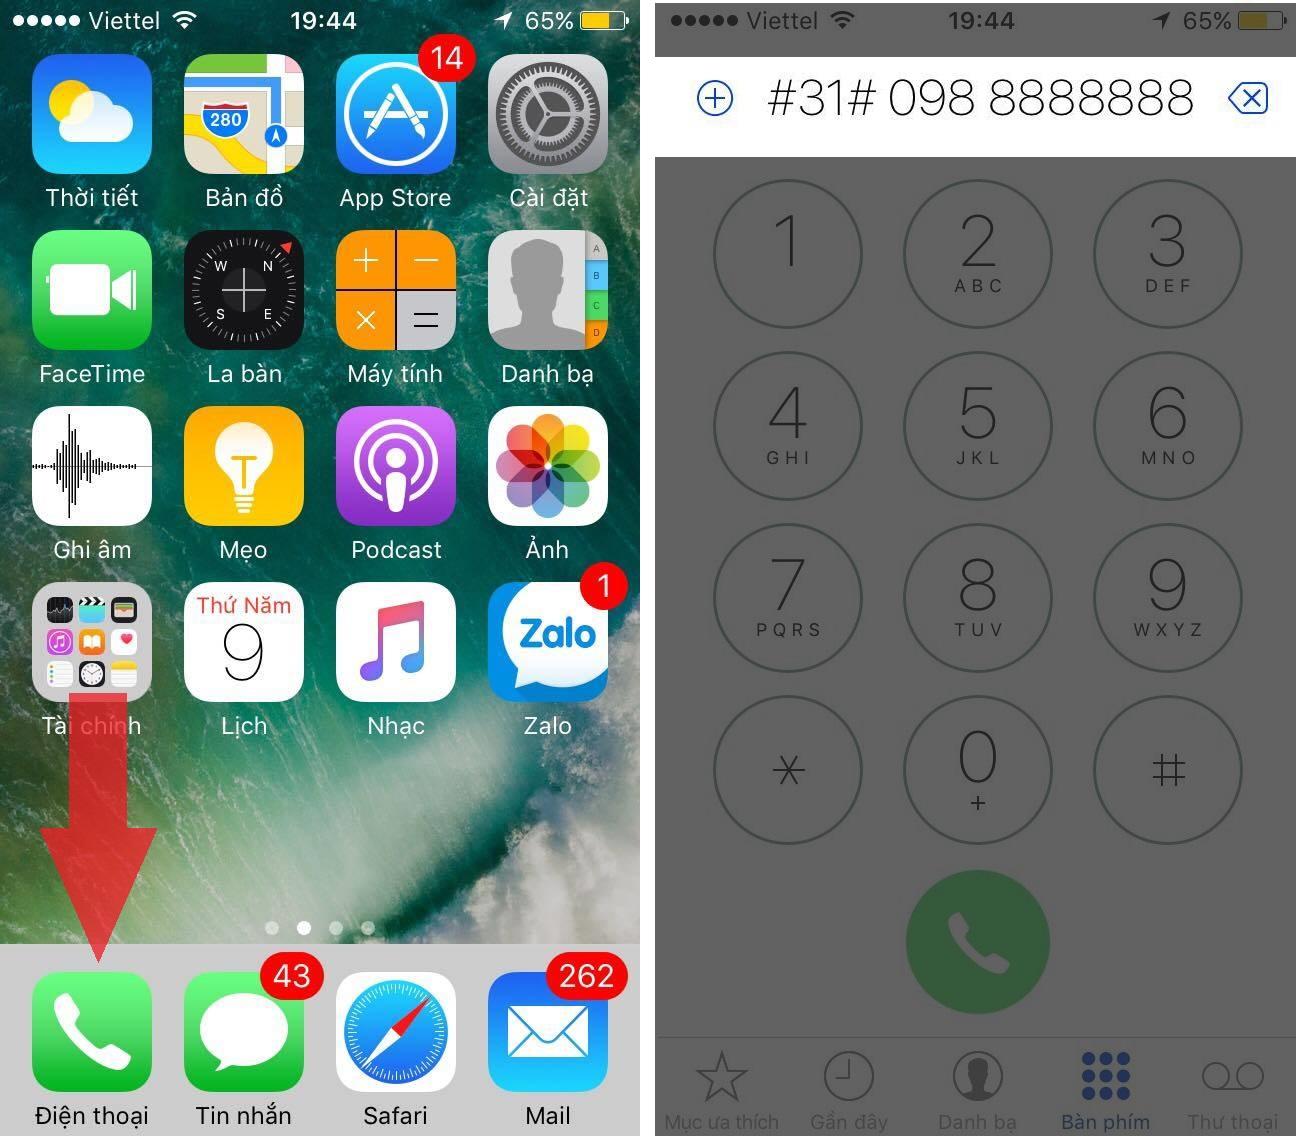 7 mẹo vặt siêu hay ho trên iPhone cả iFan cũng không hề biết 6